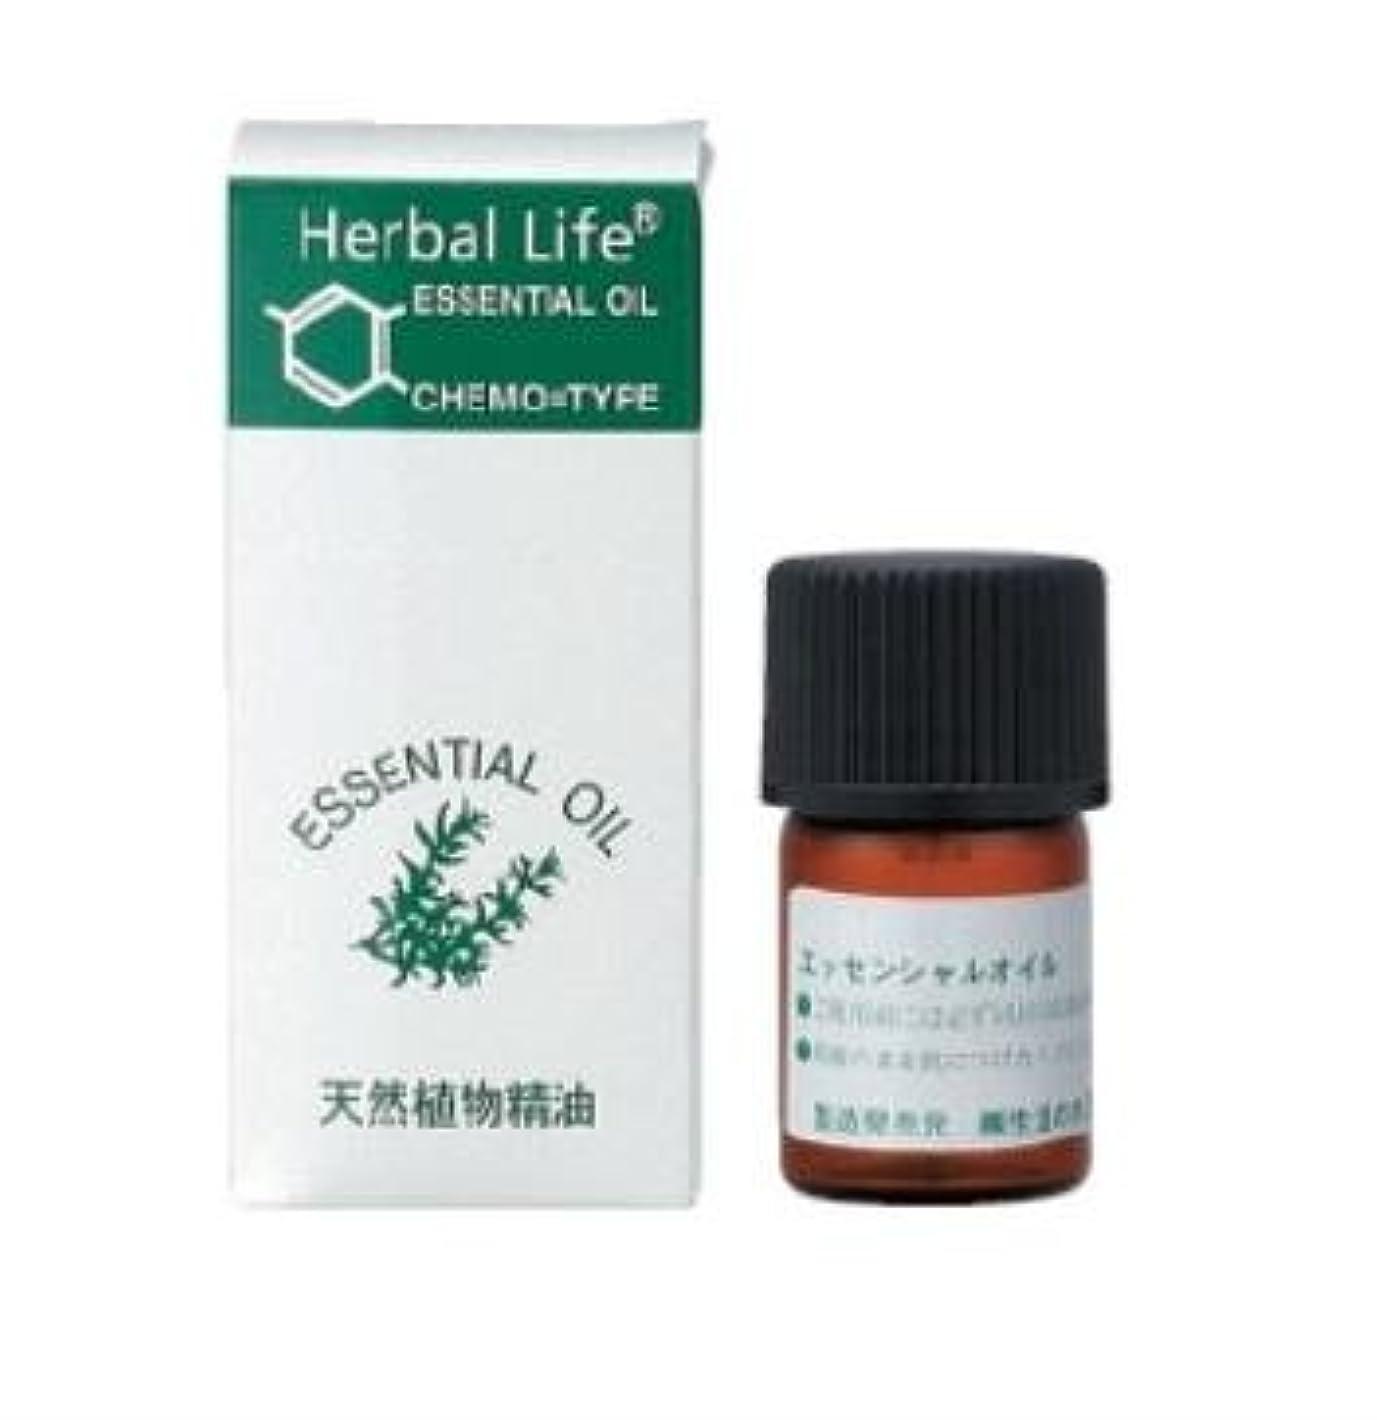 実用的東部ぬいぐるみ生活の木 エッセンシャルオイル ジュニパー 精油 3ml アロマオイル アロマ